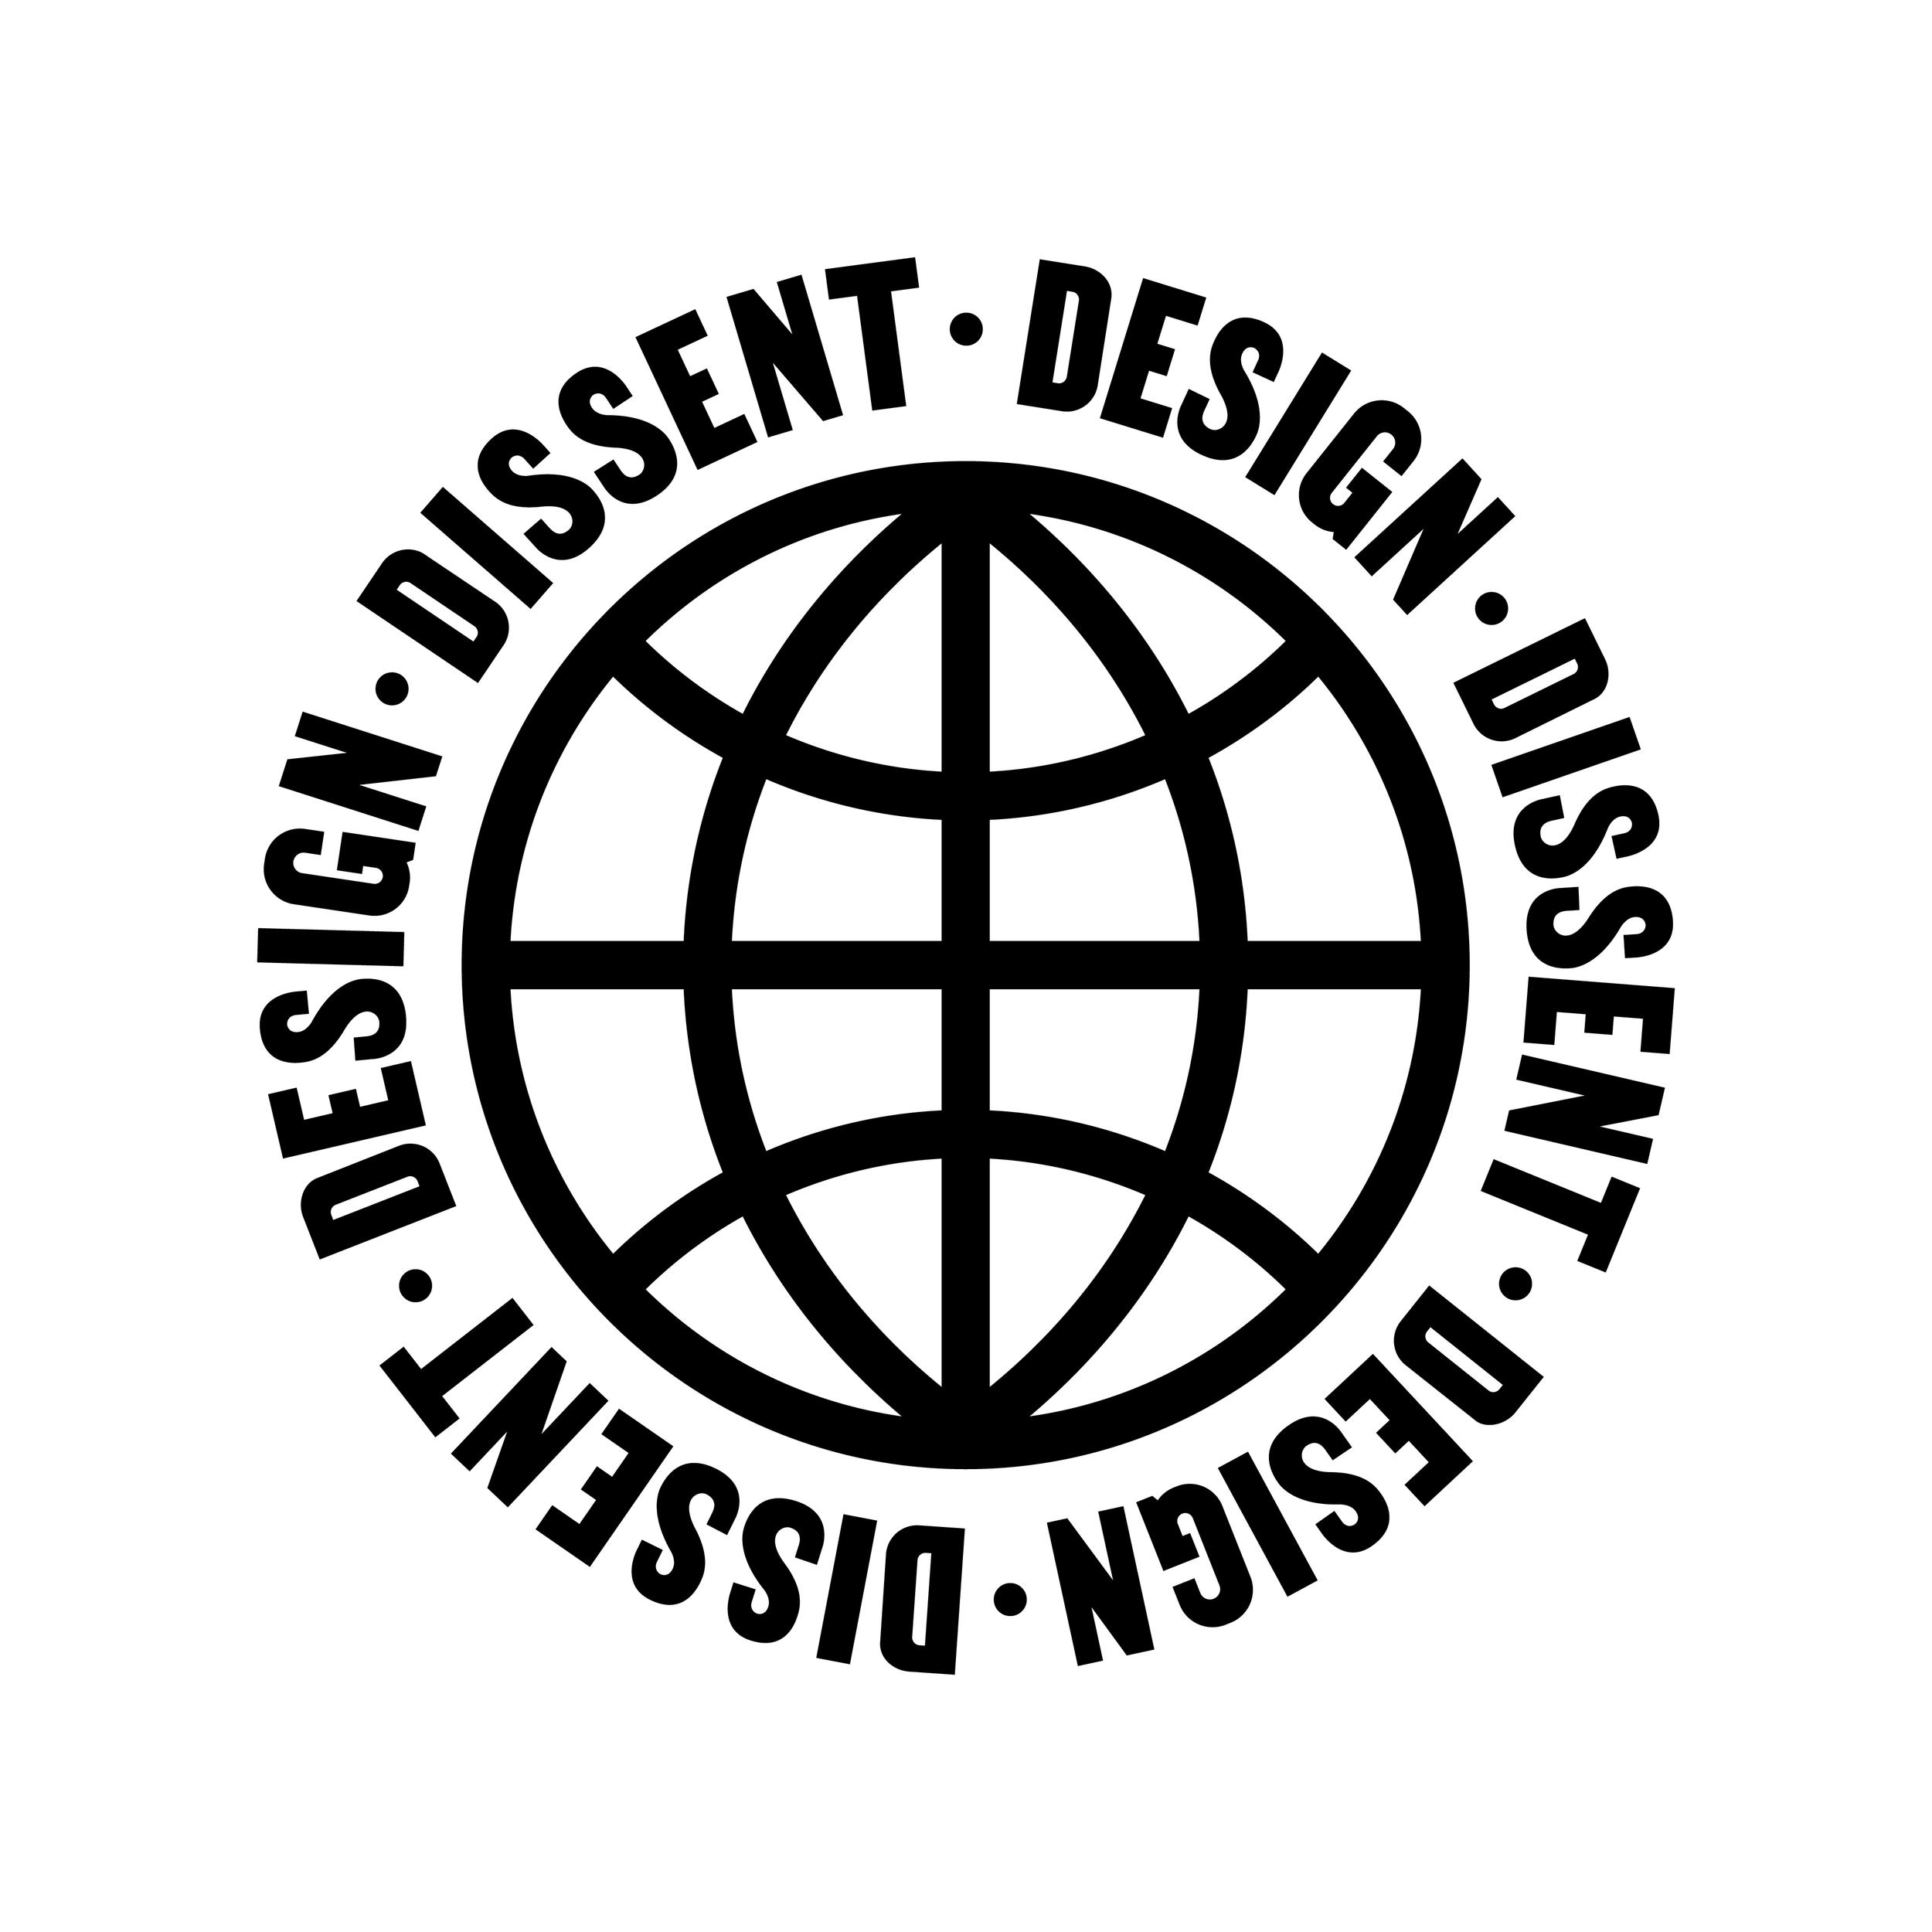 Design-&-Dissent-Badge-Black.png